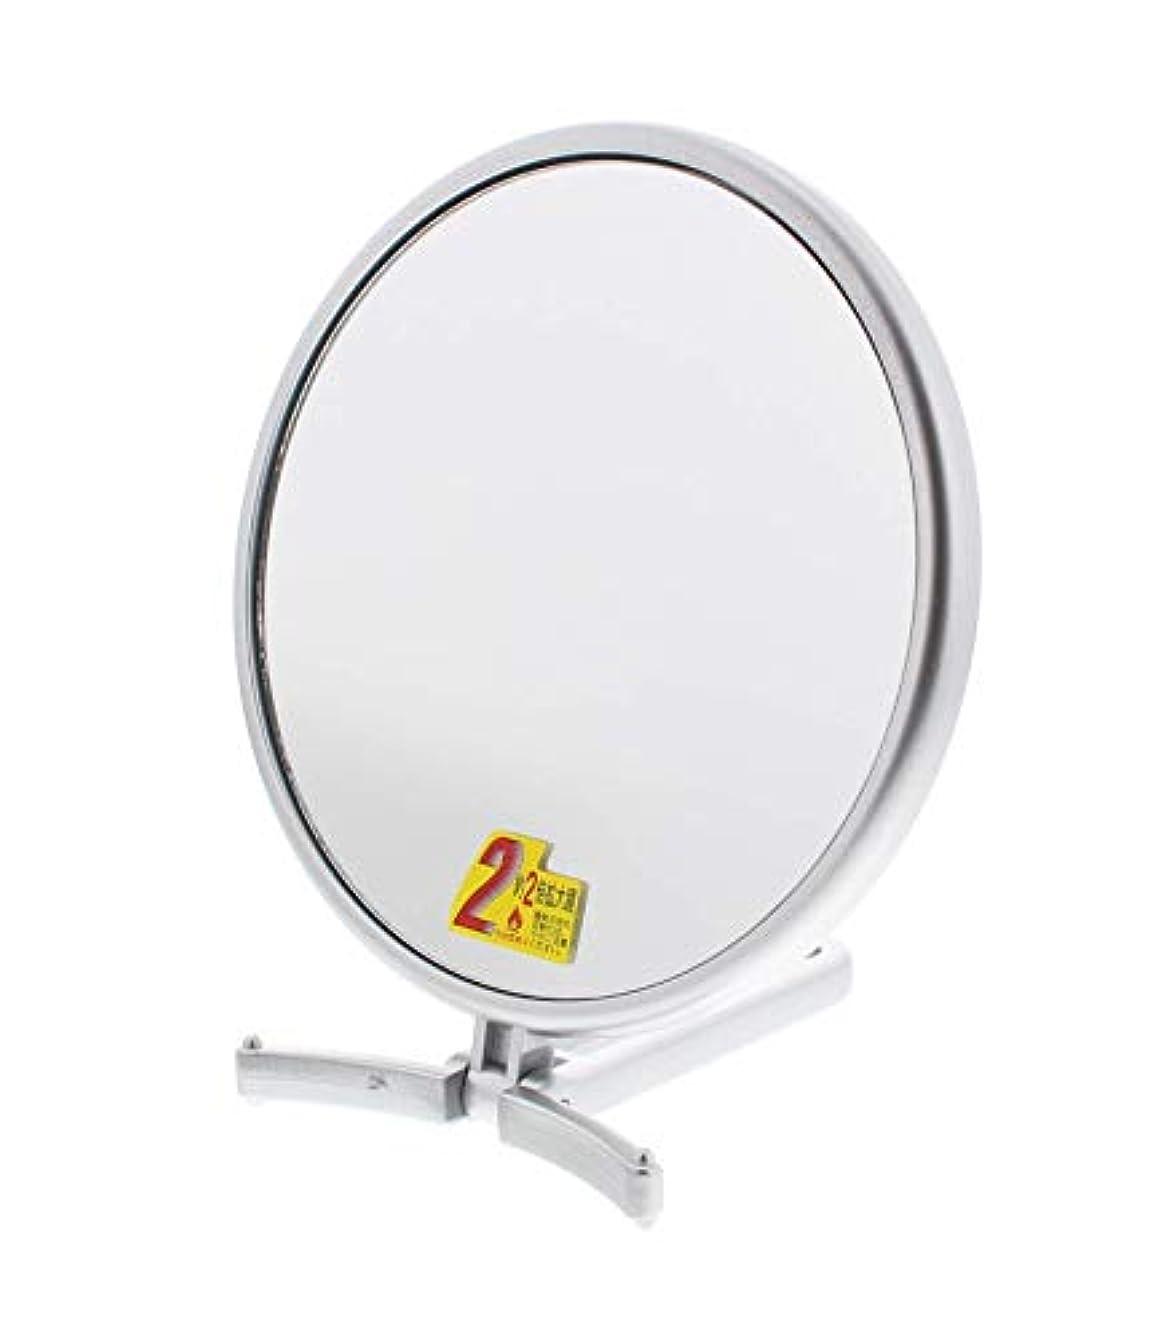 懲戒裁量満足できるメリー 片面約2倍拡大鏡付折立式ハンドミラー シルバー CH-7740